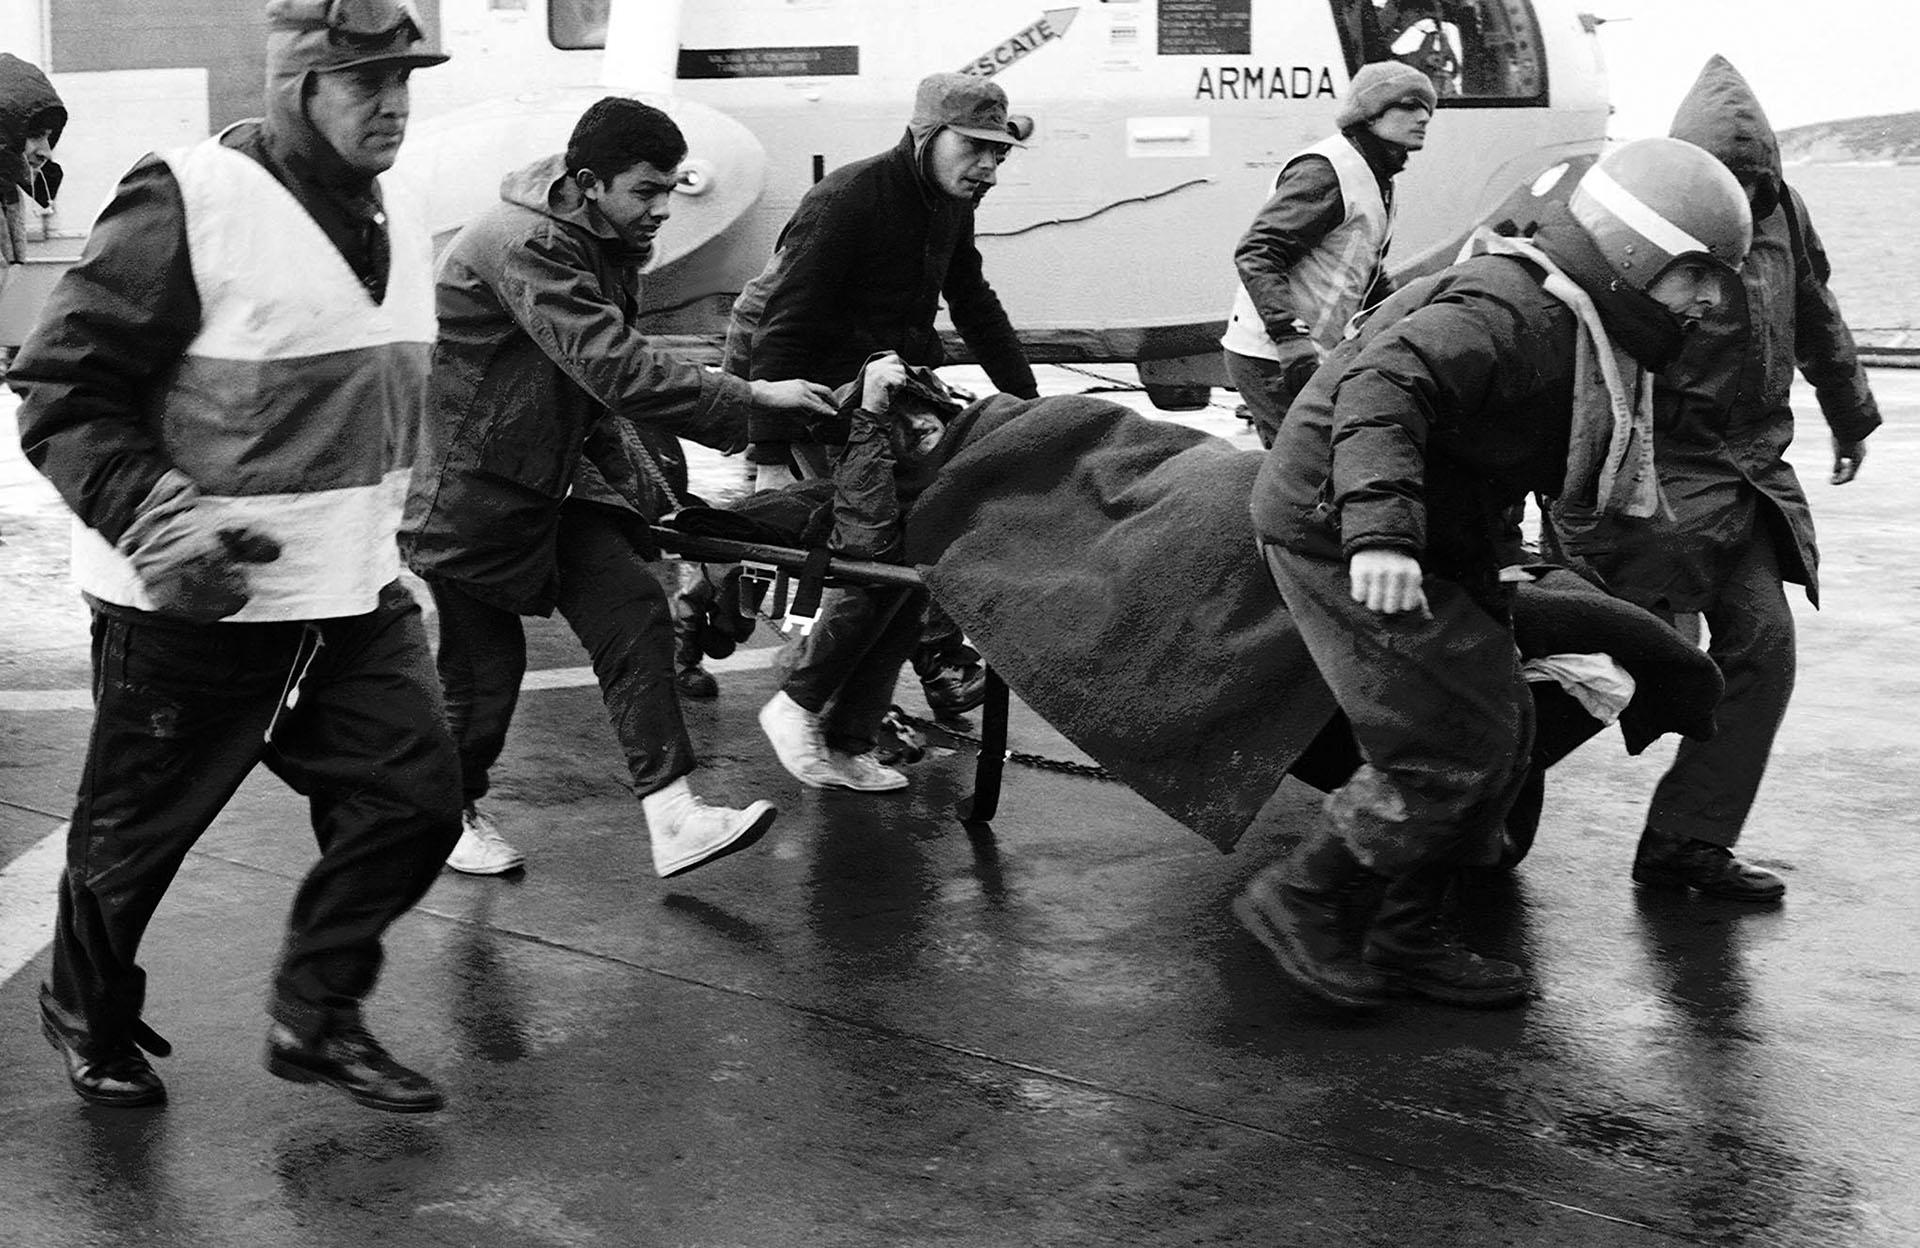 No hay tiempo que perder. El quirófano espera a un soldado herido. La urgencia está marcada porlos pasos de los socorristas (Foto: Télam).